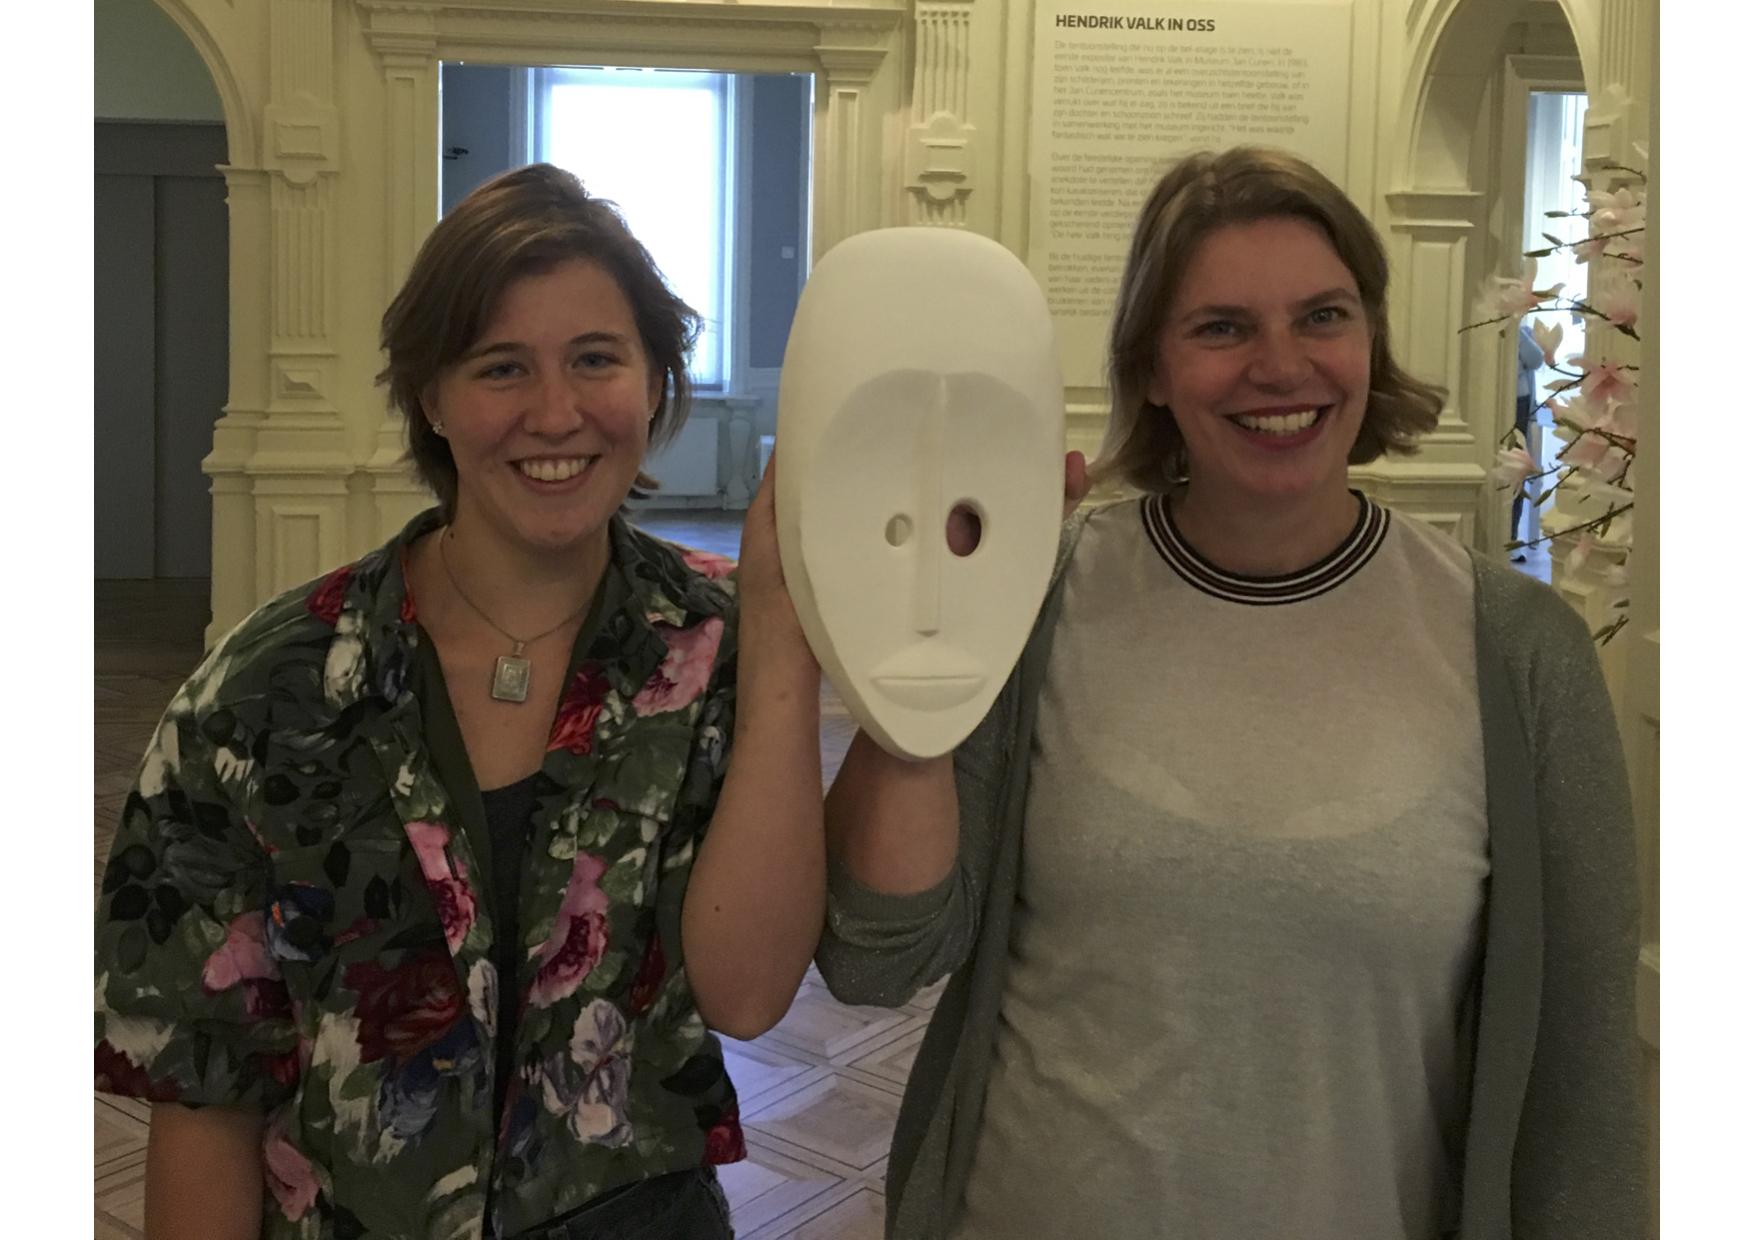 Anne Giesen en Marijke van Doorn met het masker dat ten grondslag ligt aan de tentoonstelling 'Sign of the Times - Gemaskerd Bal van de hedendaagse kunst'